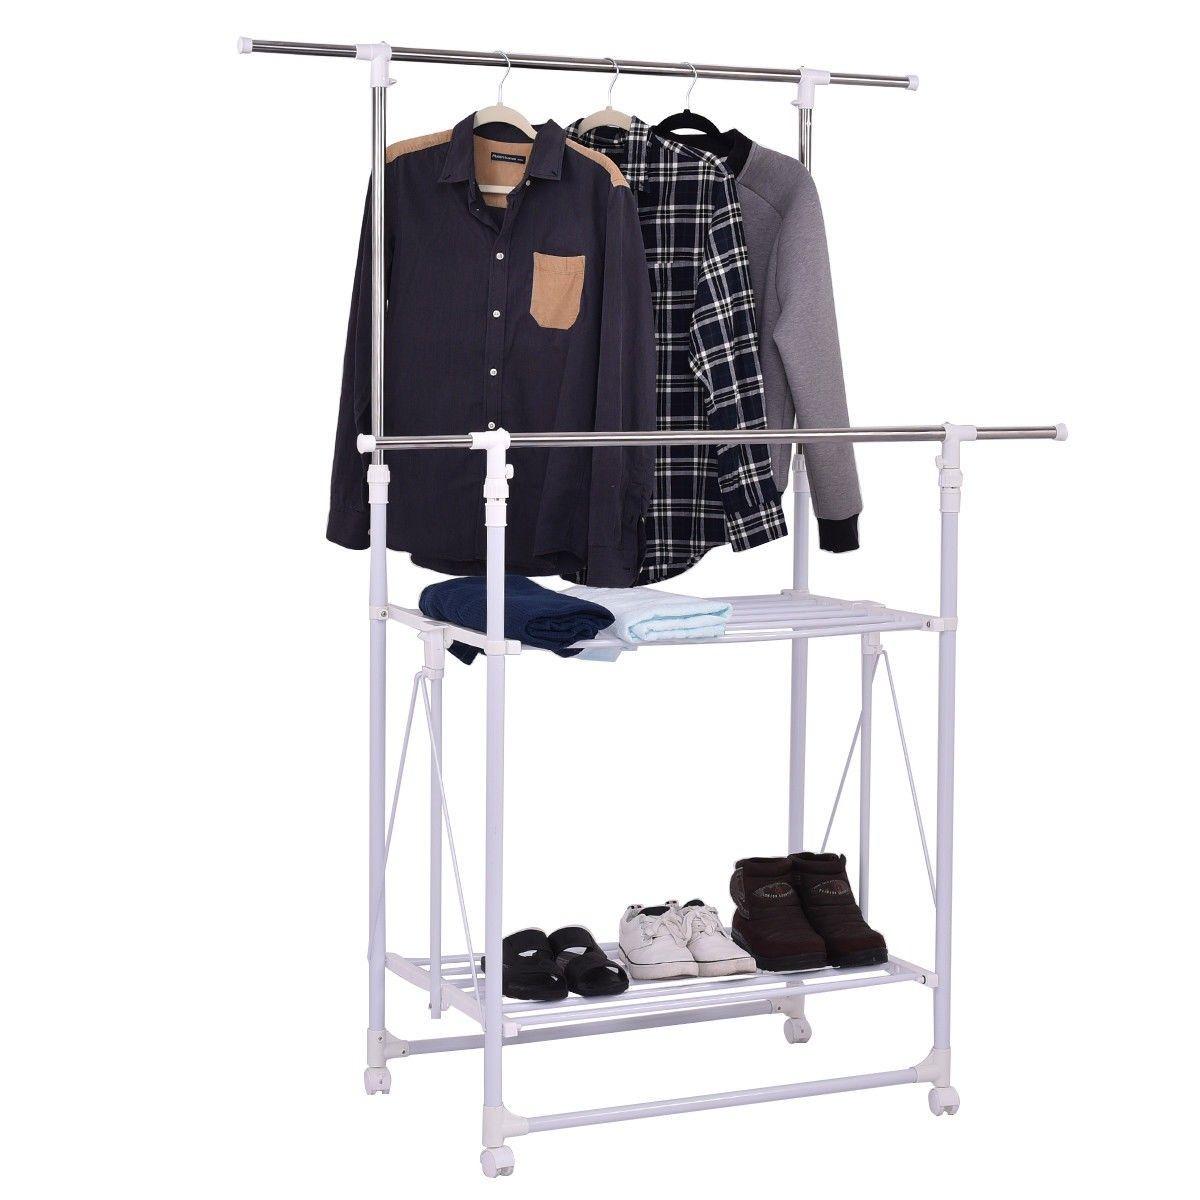 Folding Adjustable Rolling Clothes Rack Hanger With 2 Shelves Rolling Clothes Rack Clothing Rack Rolling Garment Rack